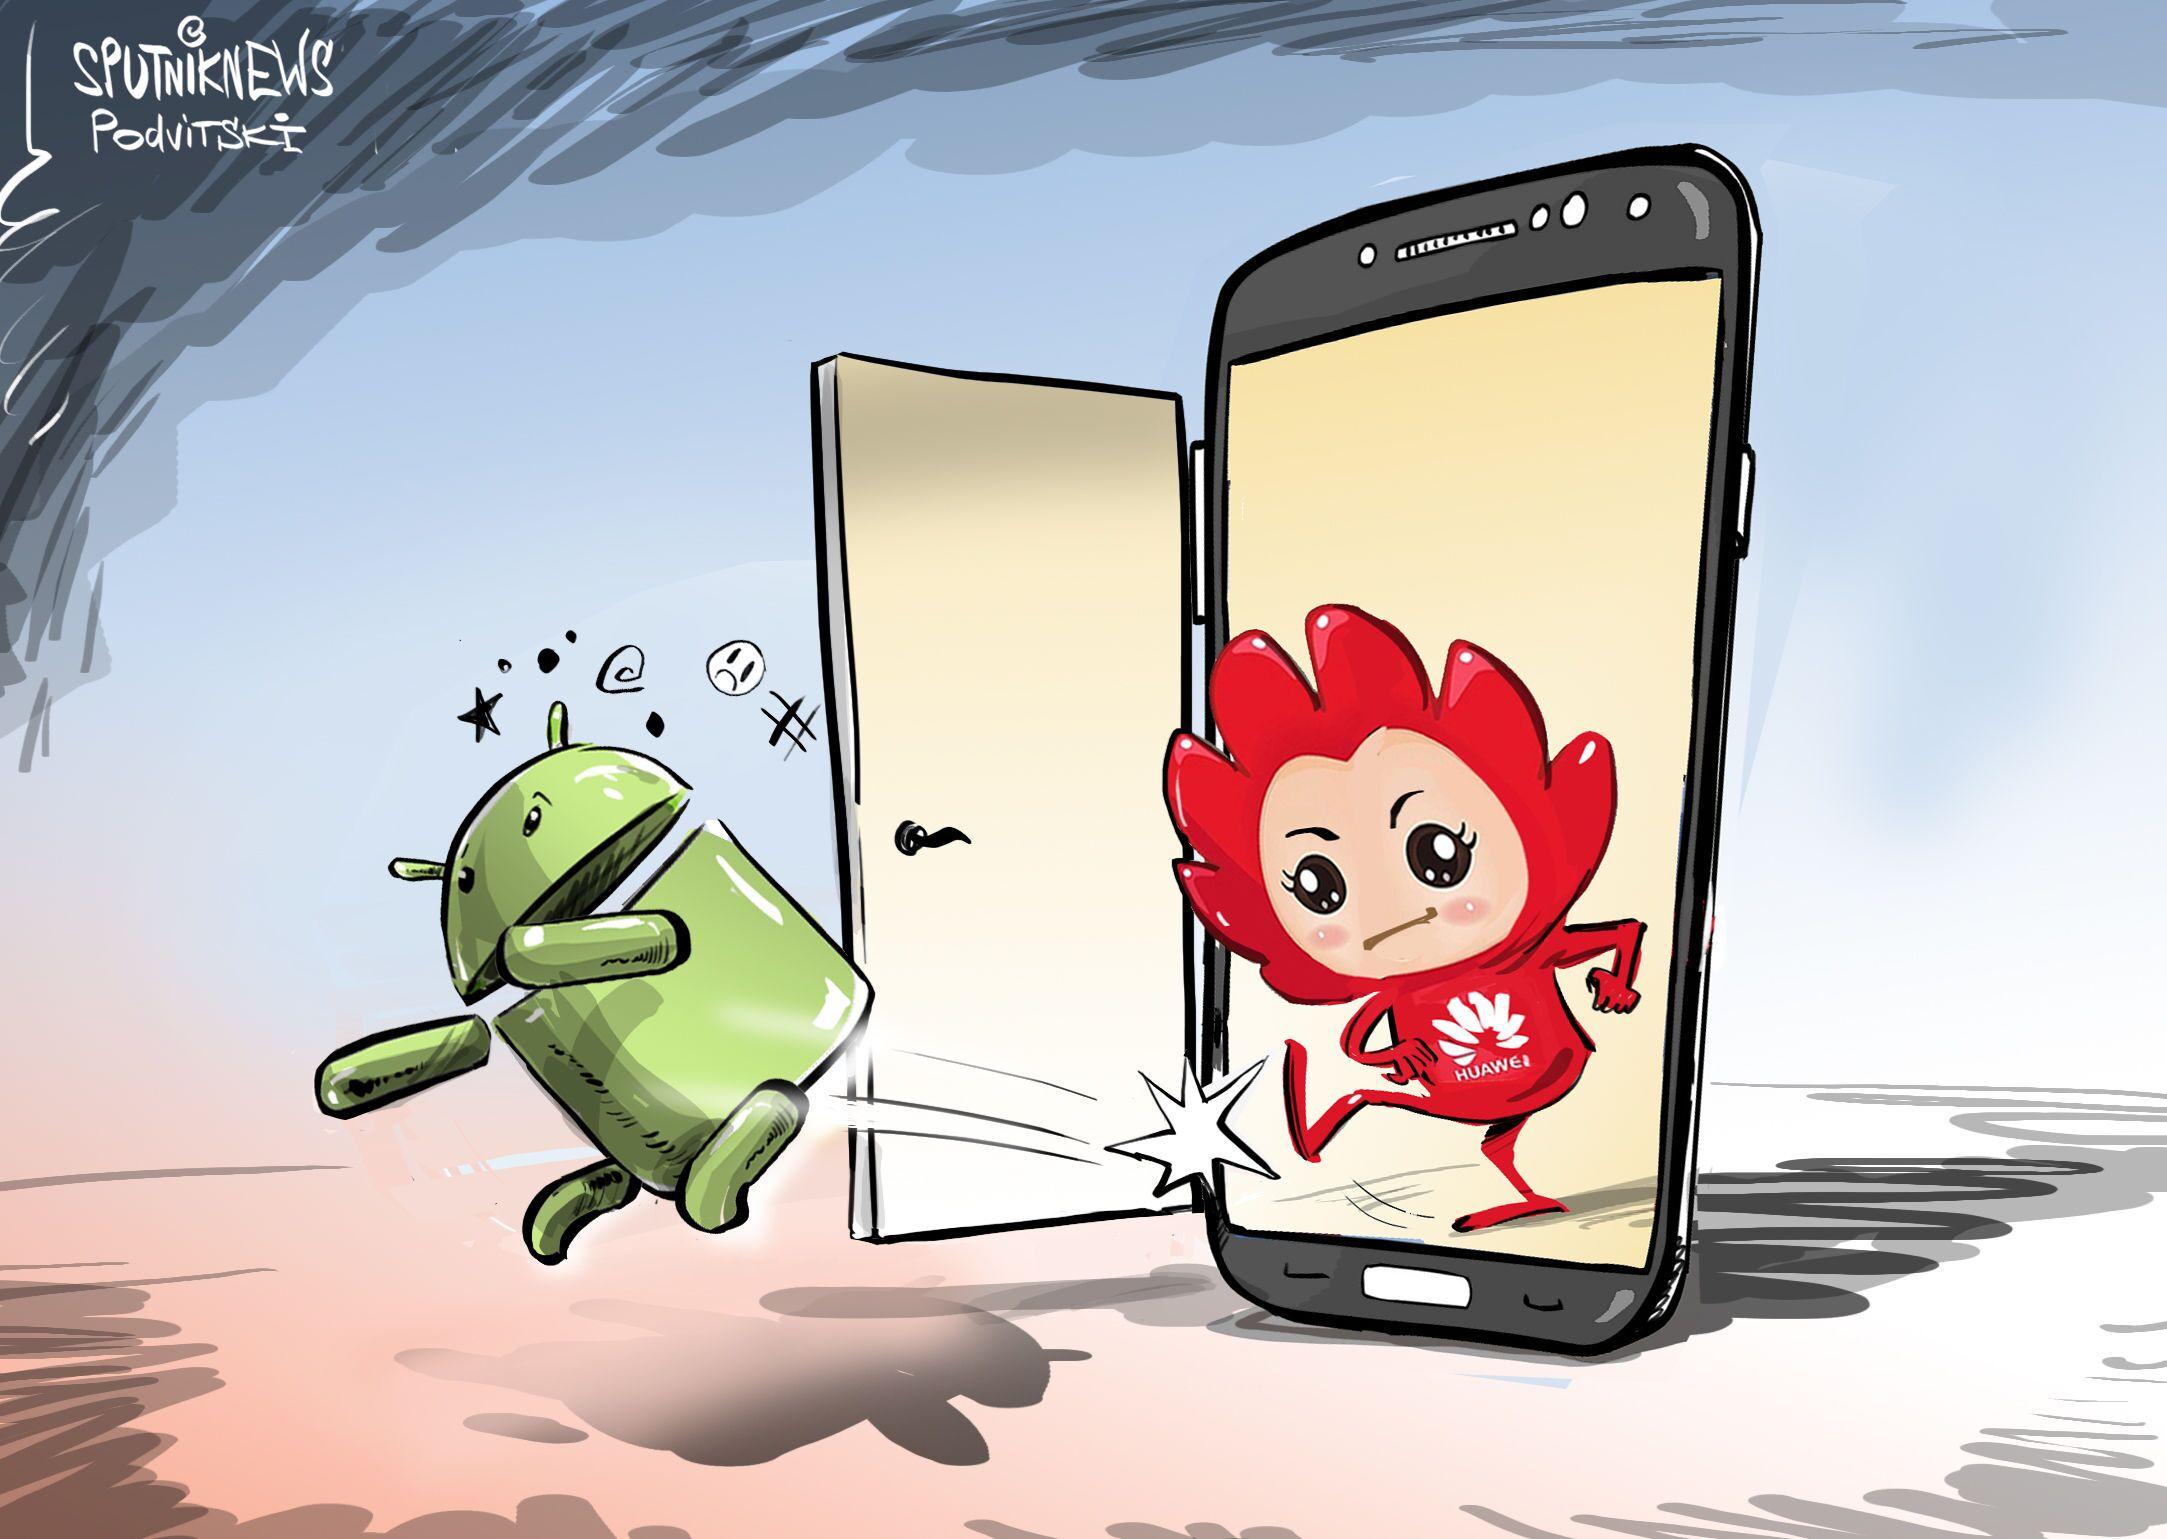 Uvolni cestu, Androide, na trhu je nový operační systém od Huawei